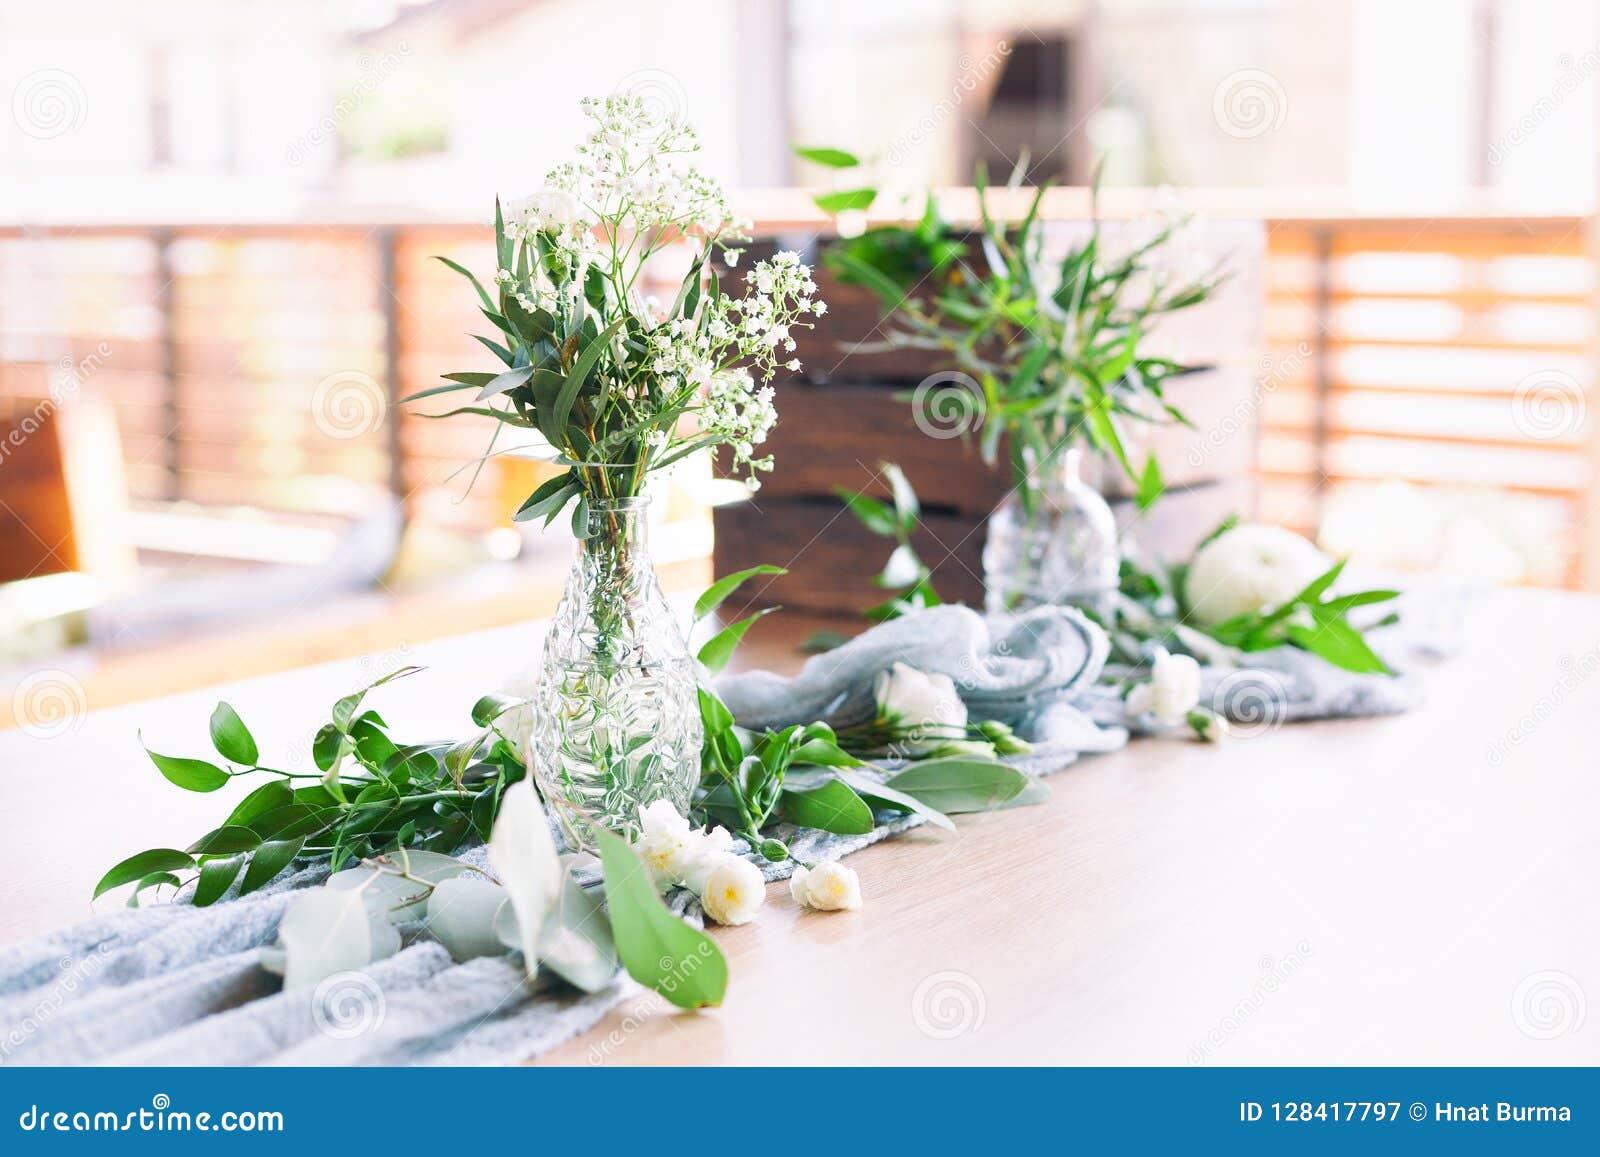 婚姻 洗礼 客人的表,盖用桌布,装饰用蜡烛,透明玻璃花瓶,鲜花